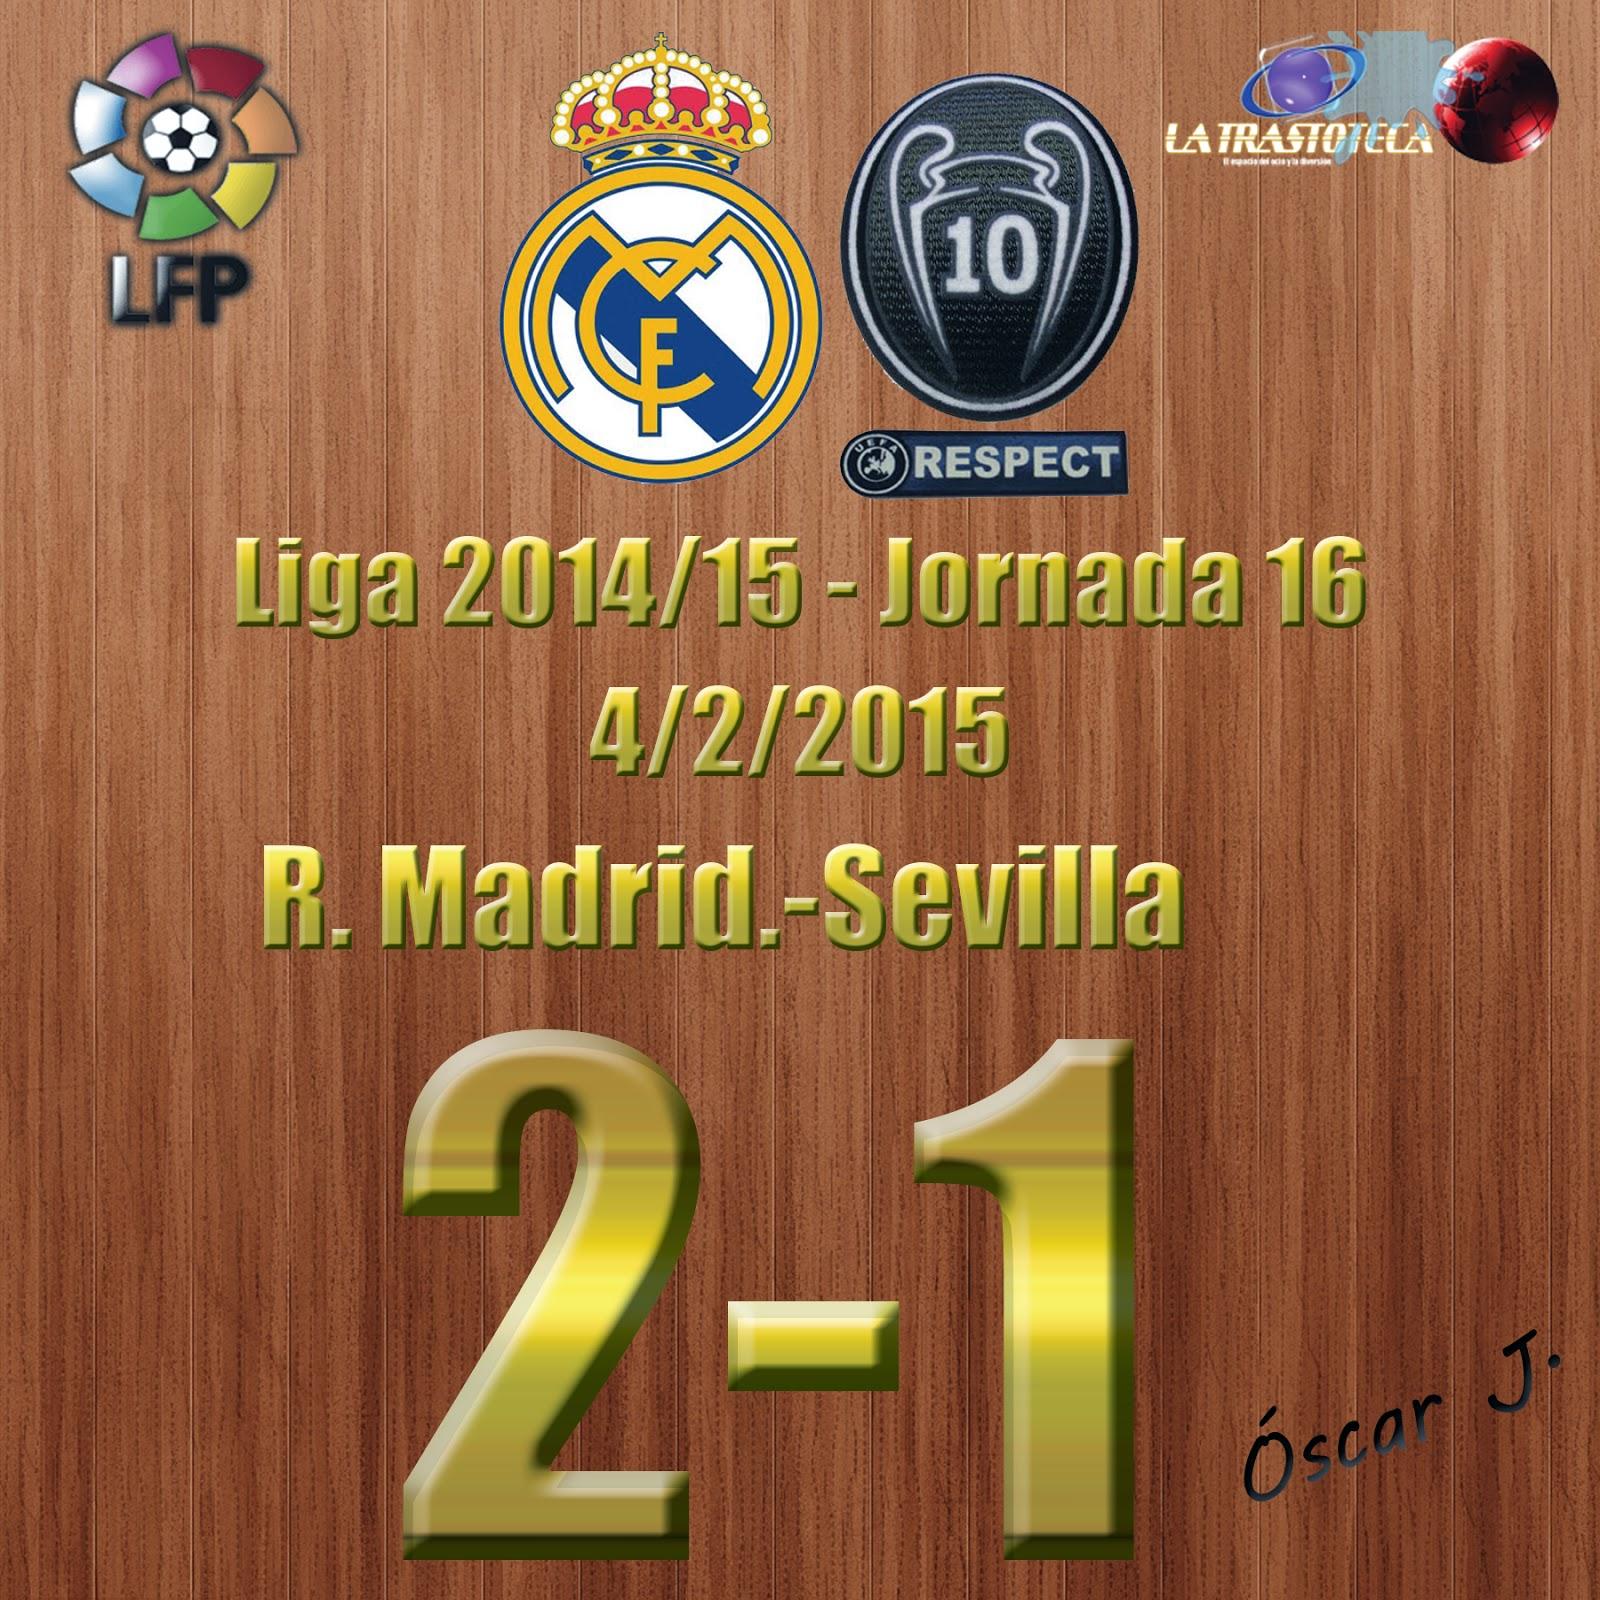 Jesé (2-0) - Real Madrid 2-1 Sevilla - Liga 2014/15 - Jornada 16 - (4/2/2015)